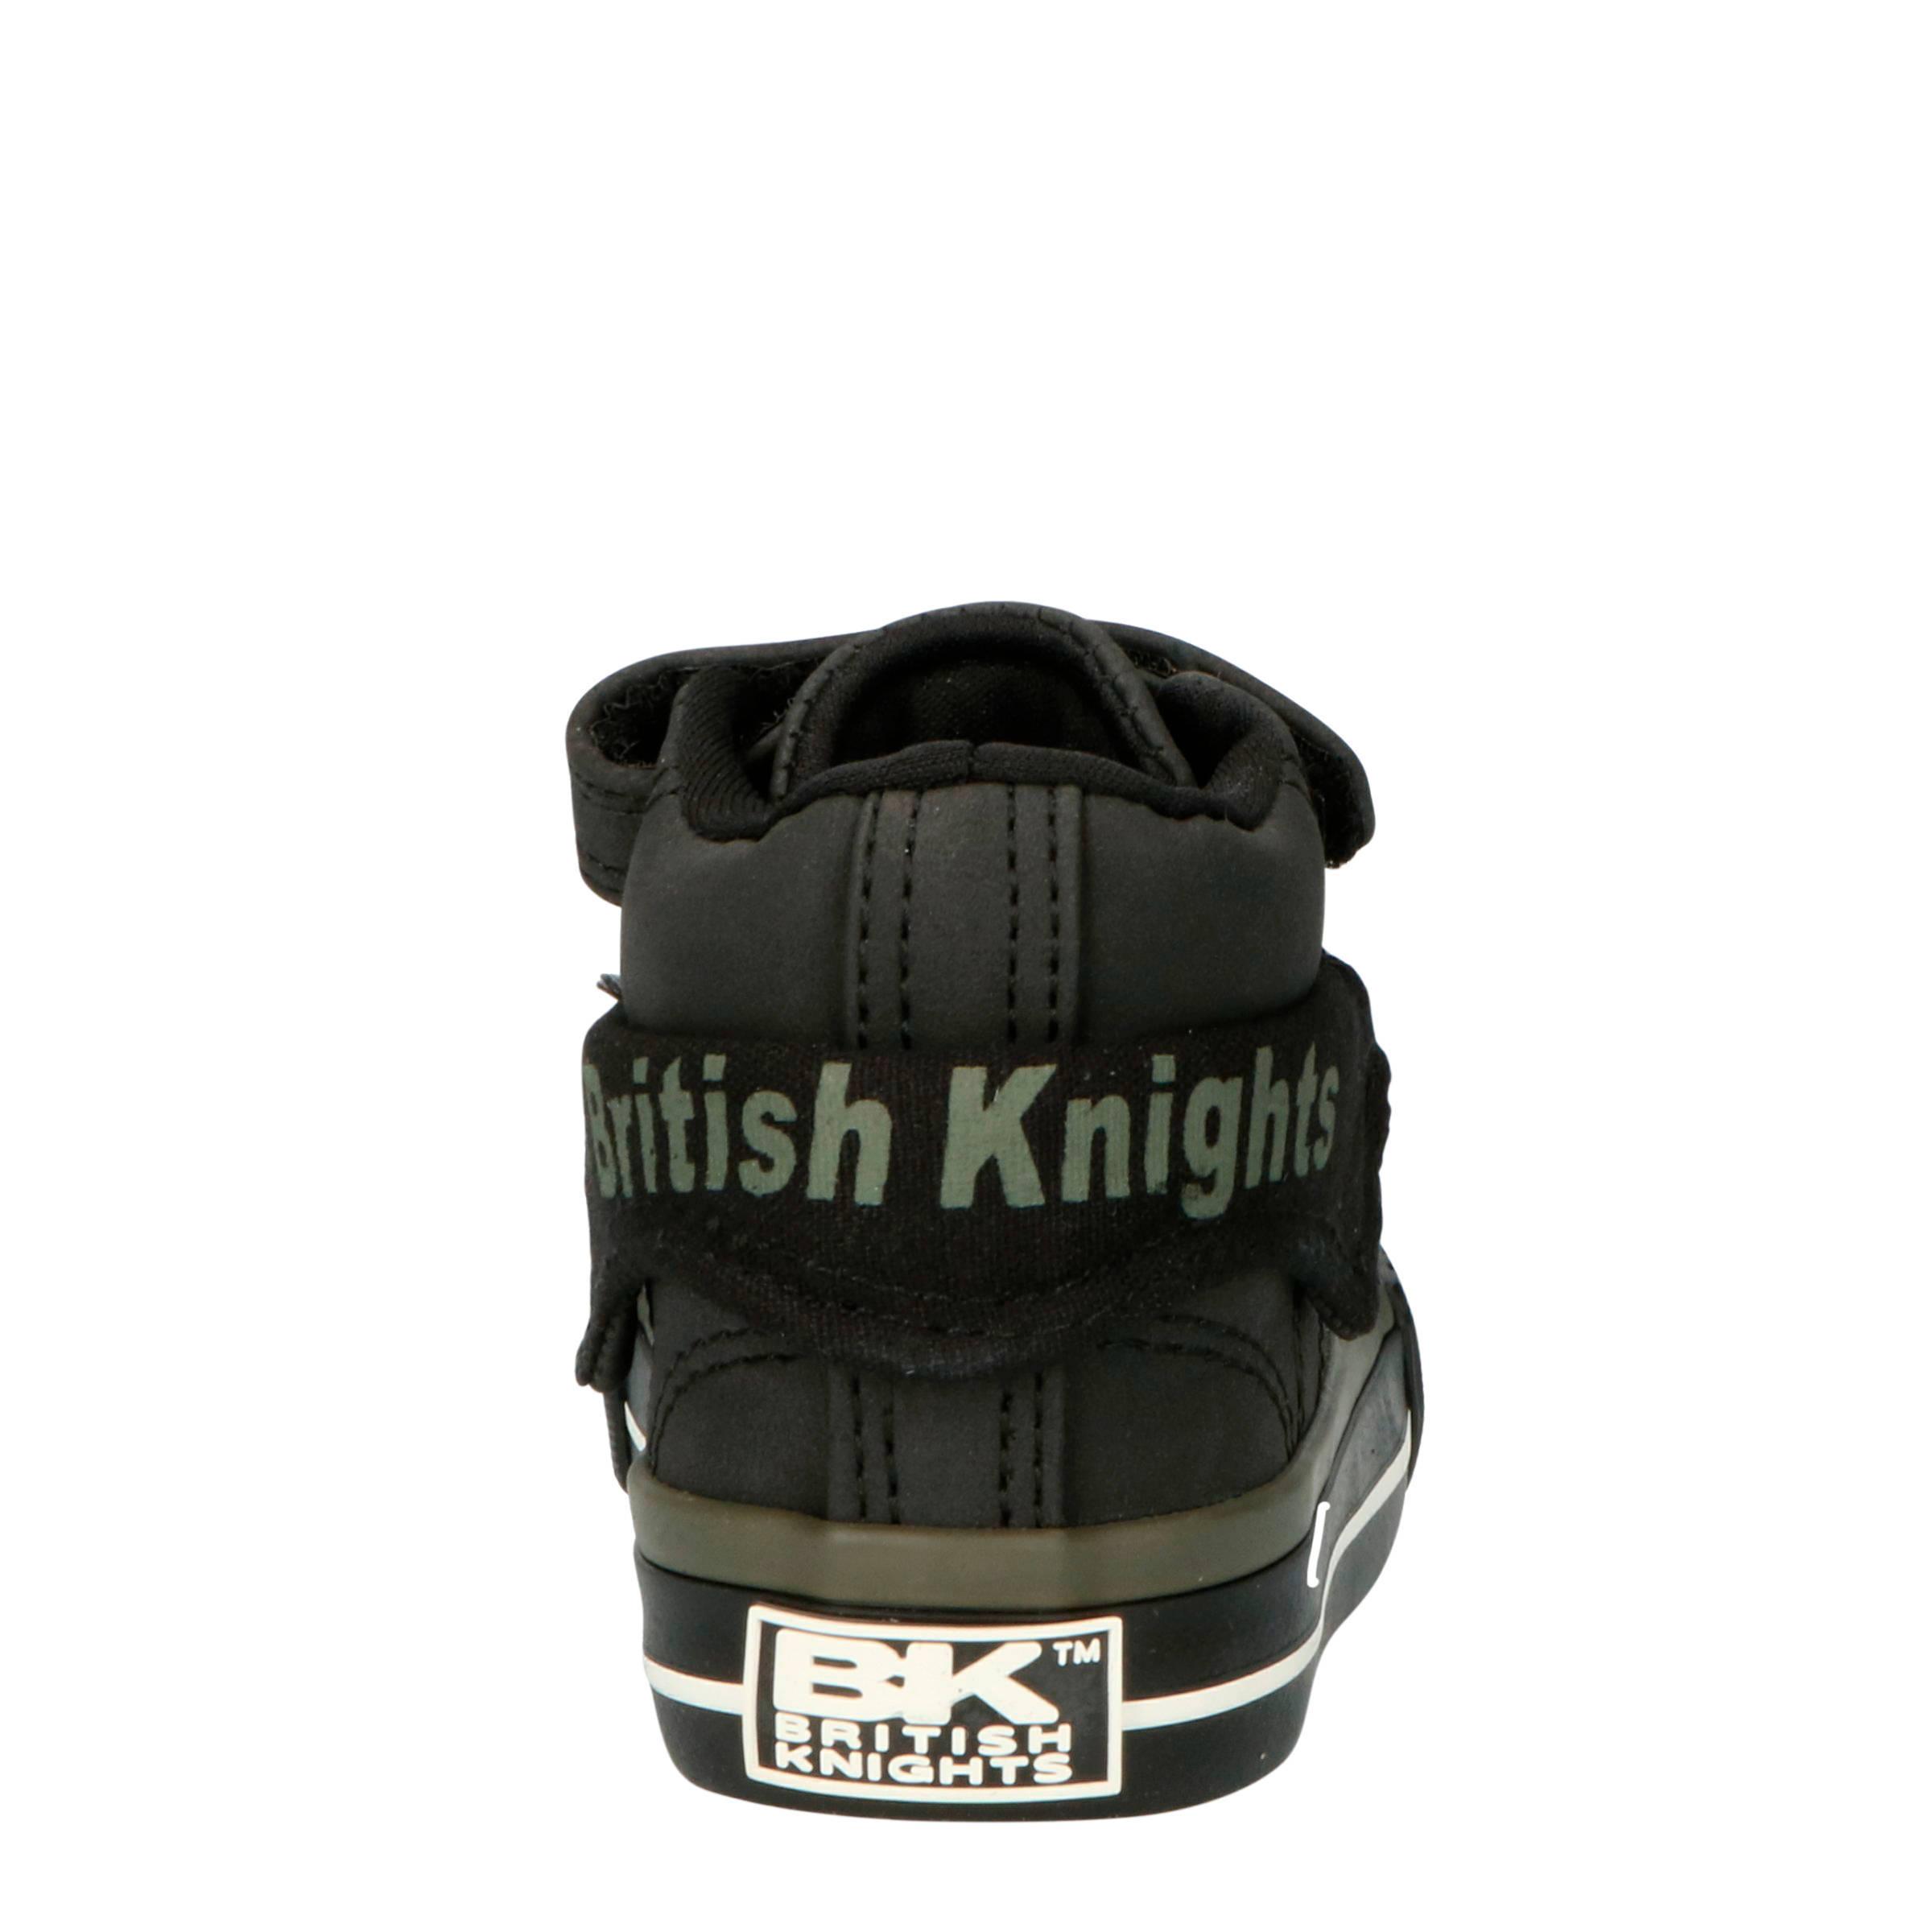 British Knights Roco halfhoge sneakers grijszwart | wehkamp